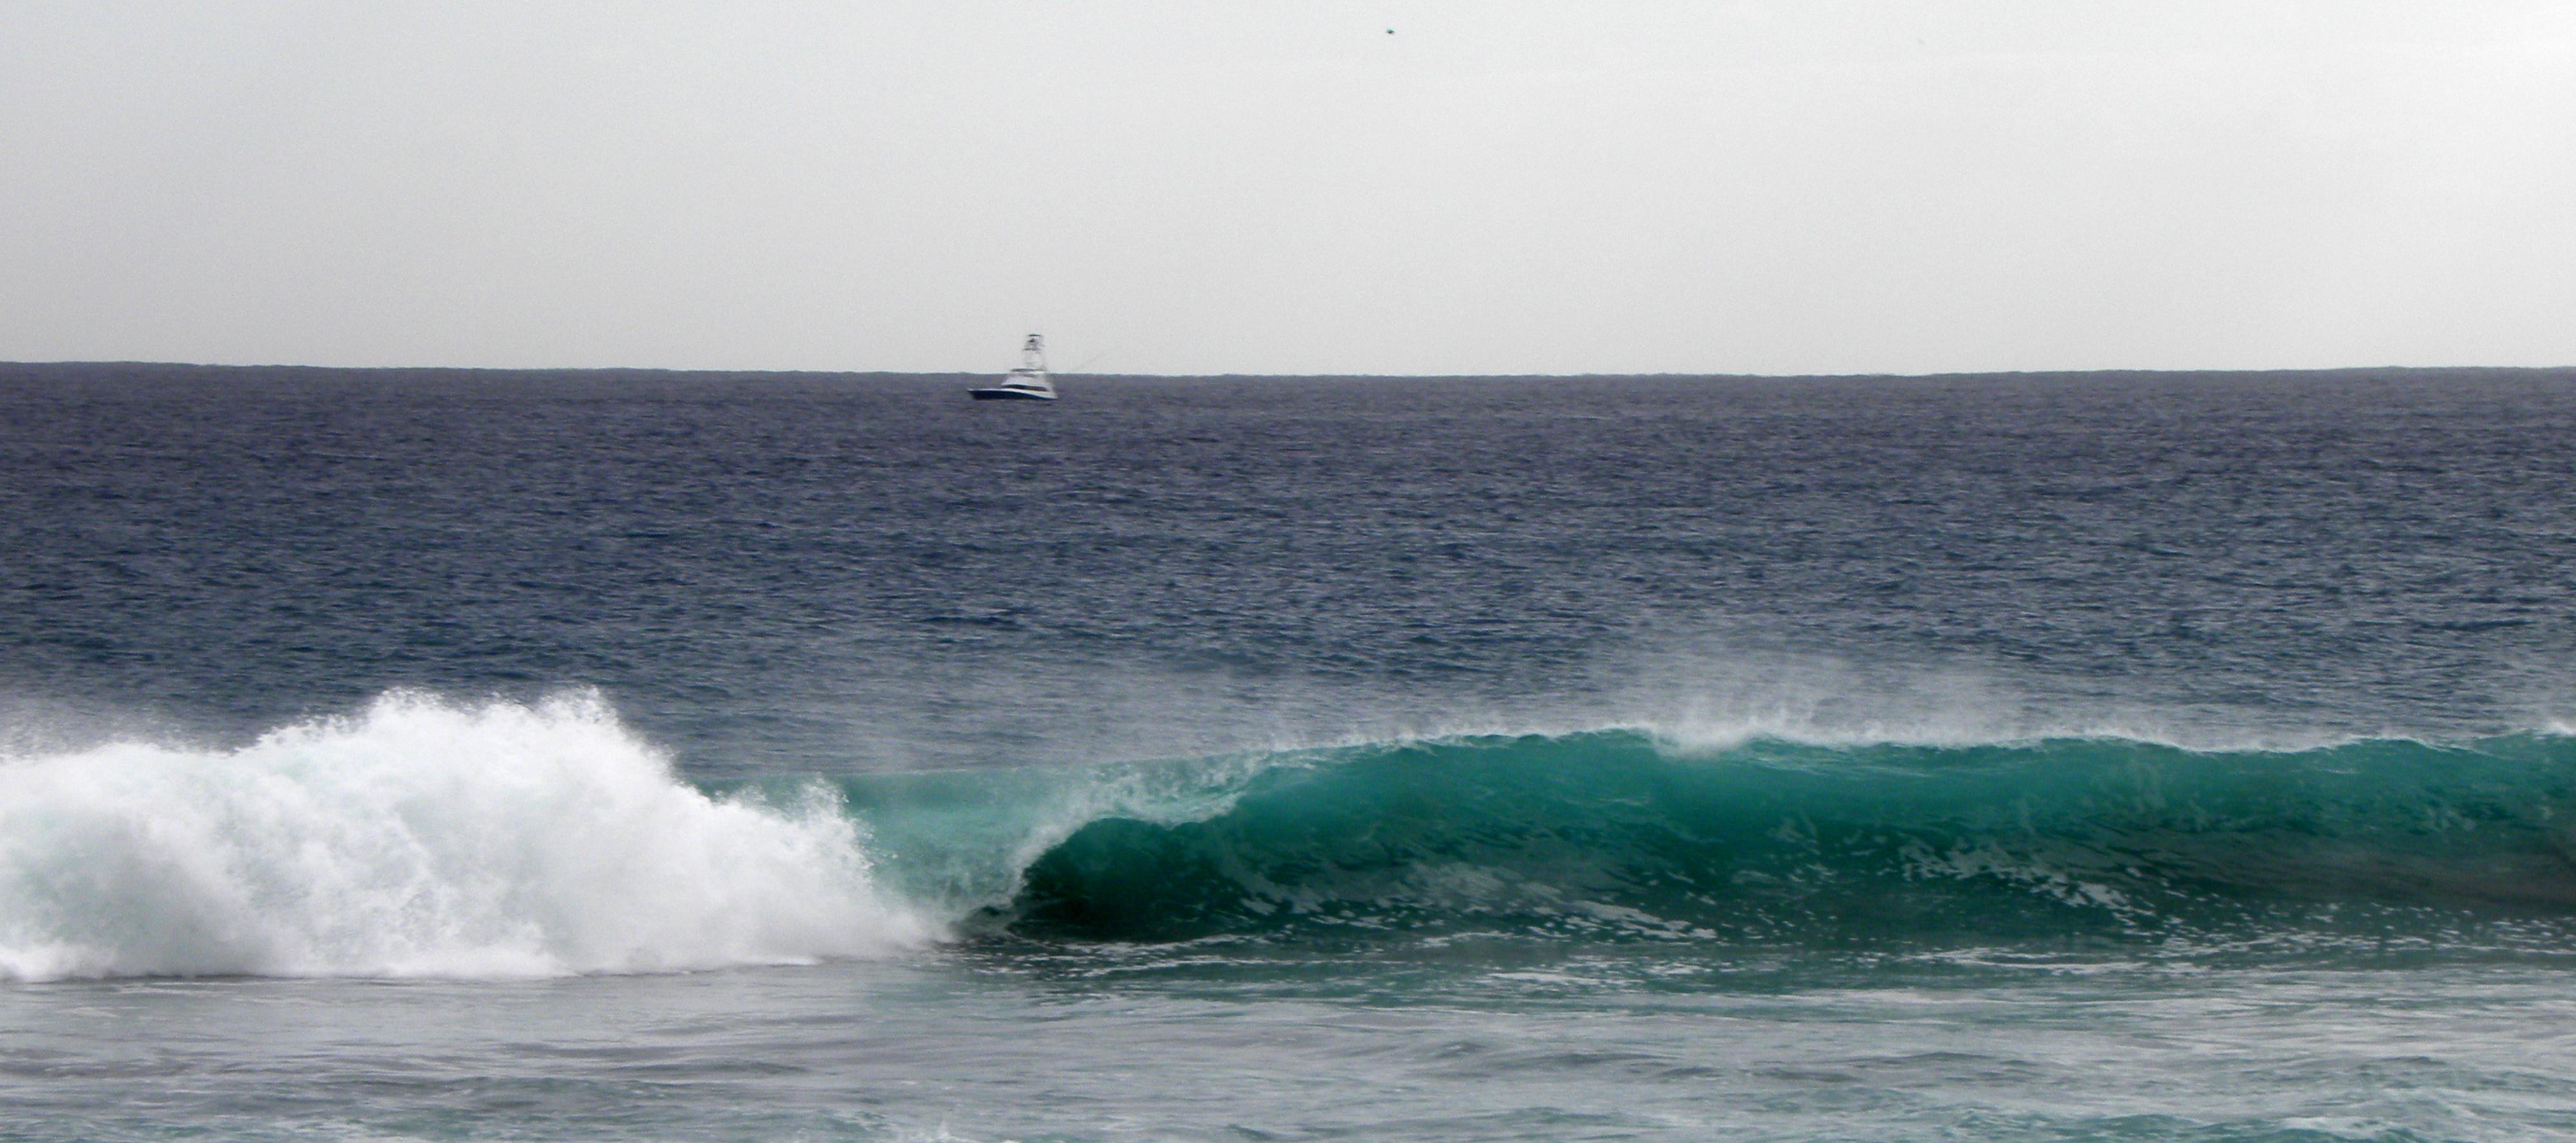 Wave by flowerhippie22 on DeviantArt